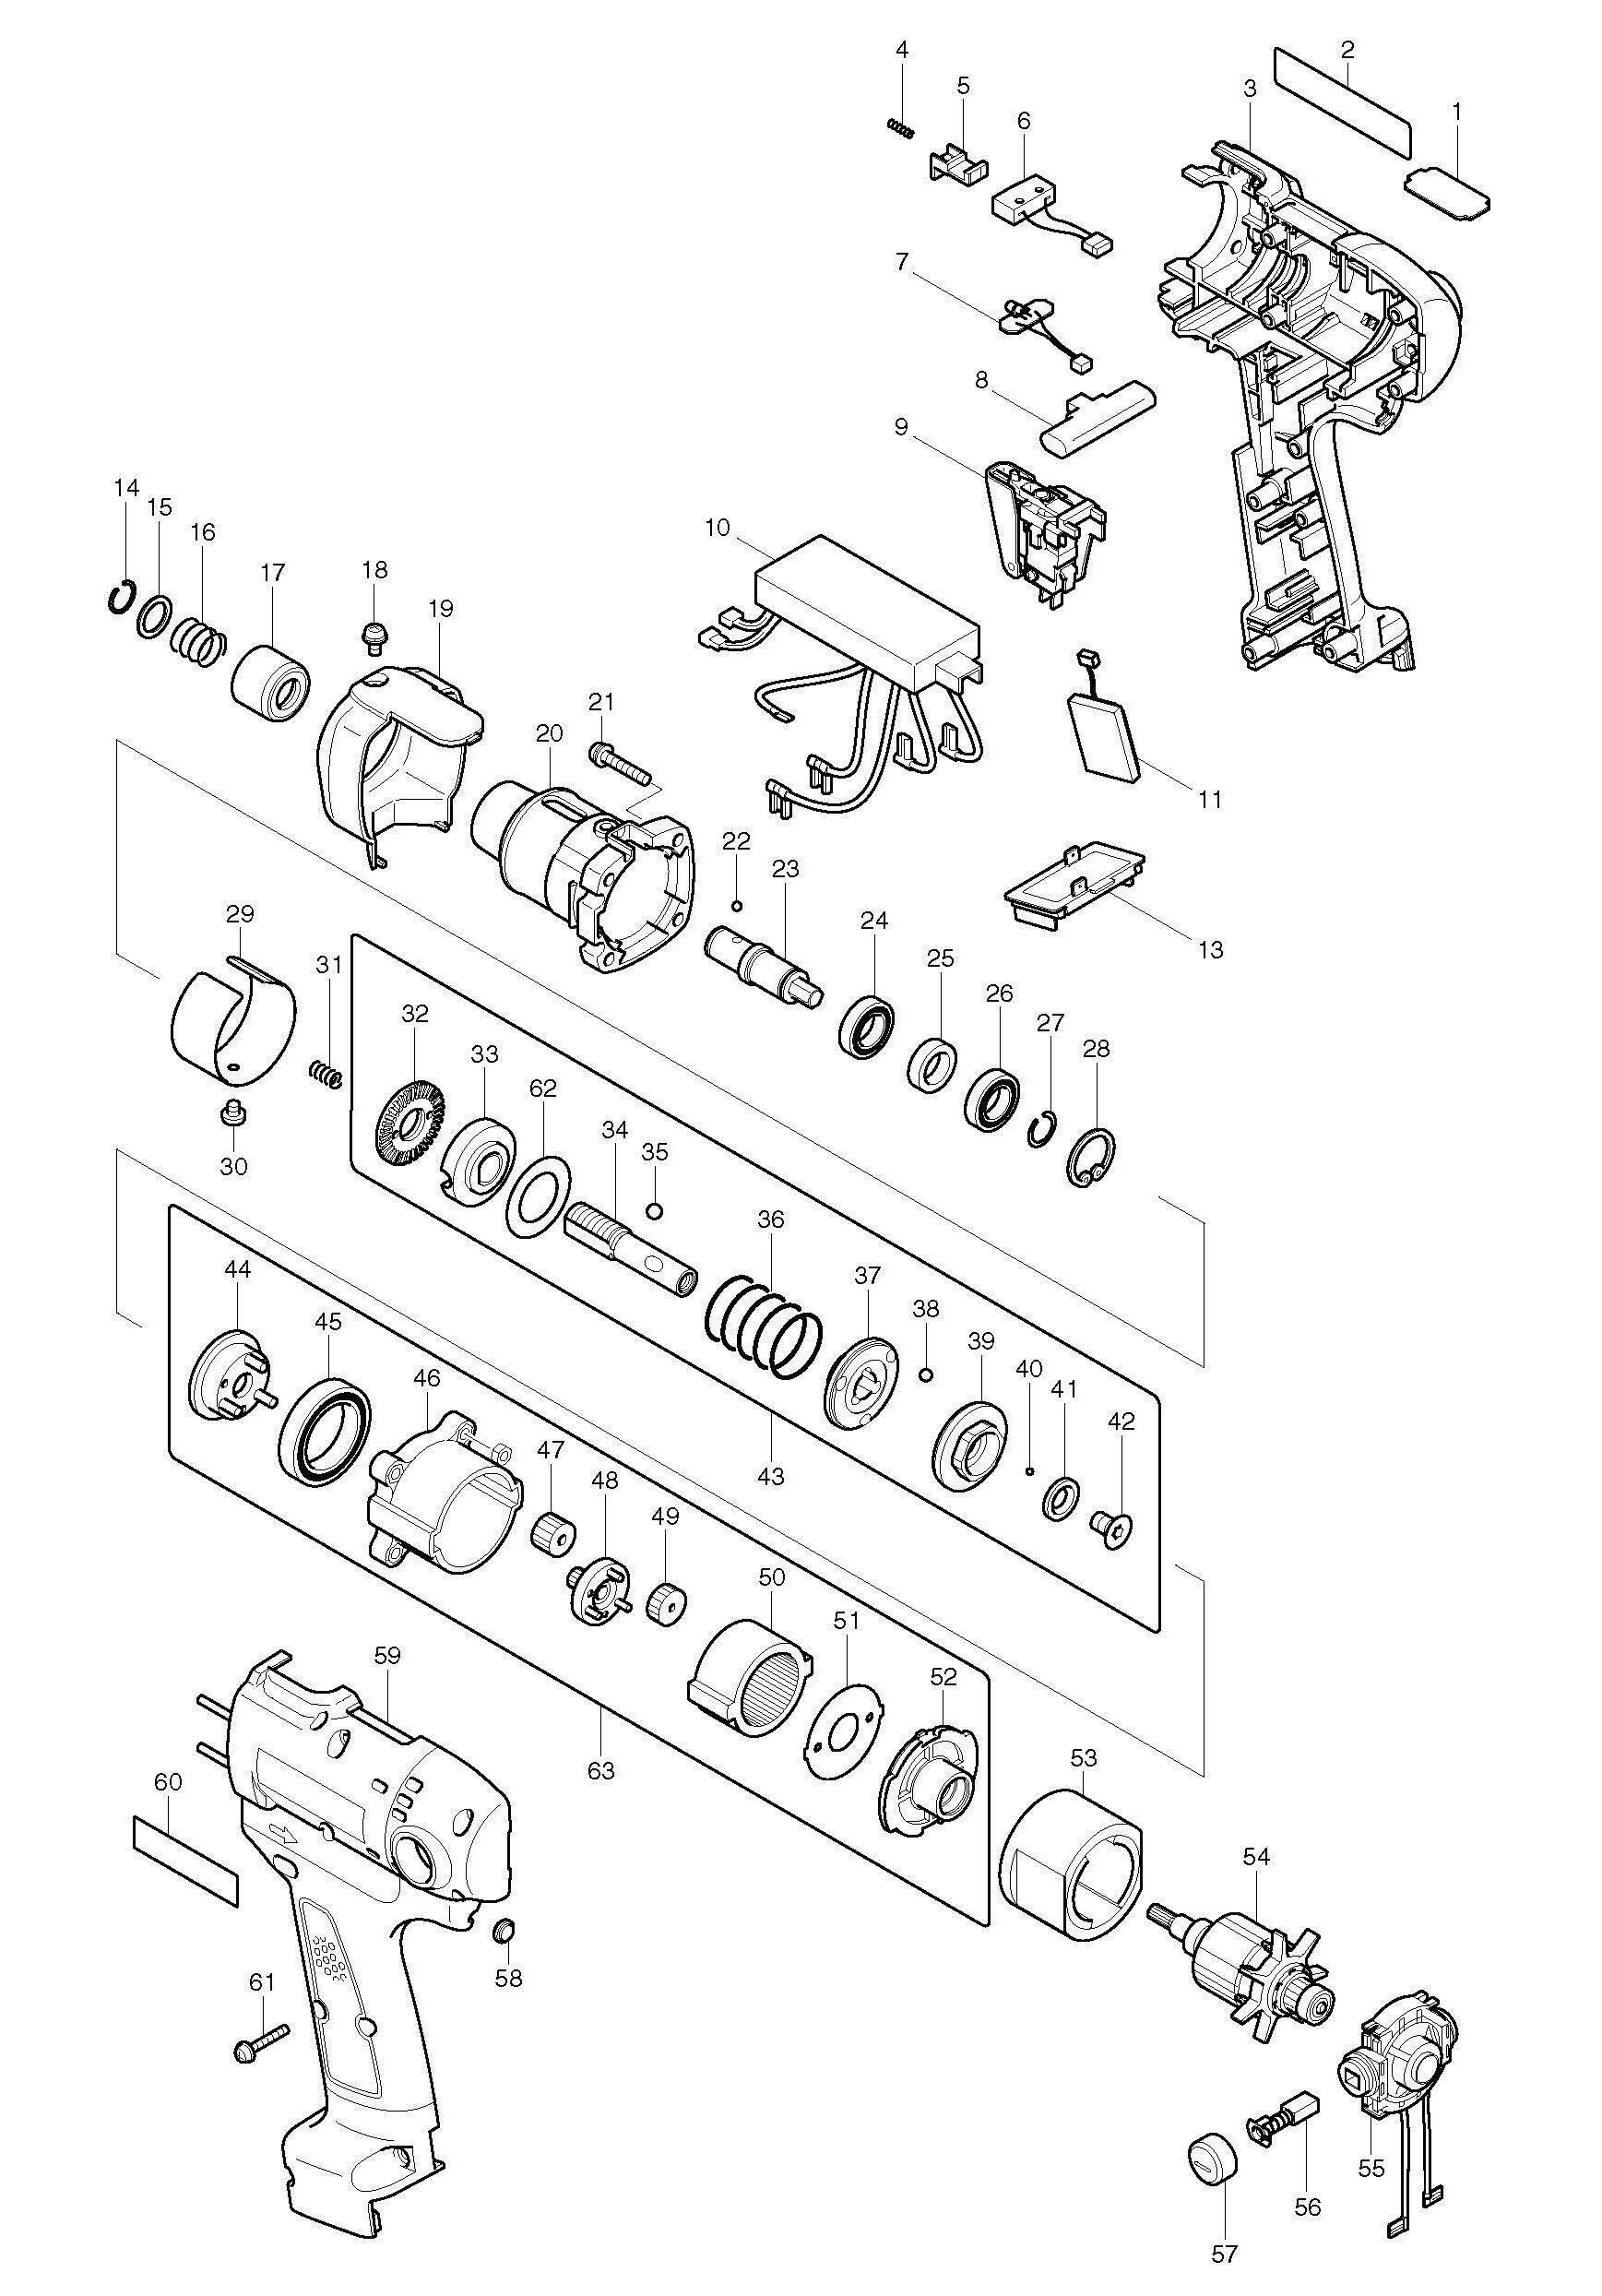 Spares For Makita Bft020f Screwdriver 9 6v Spare Parts